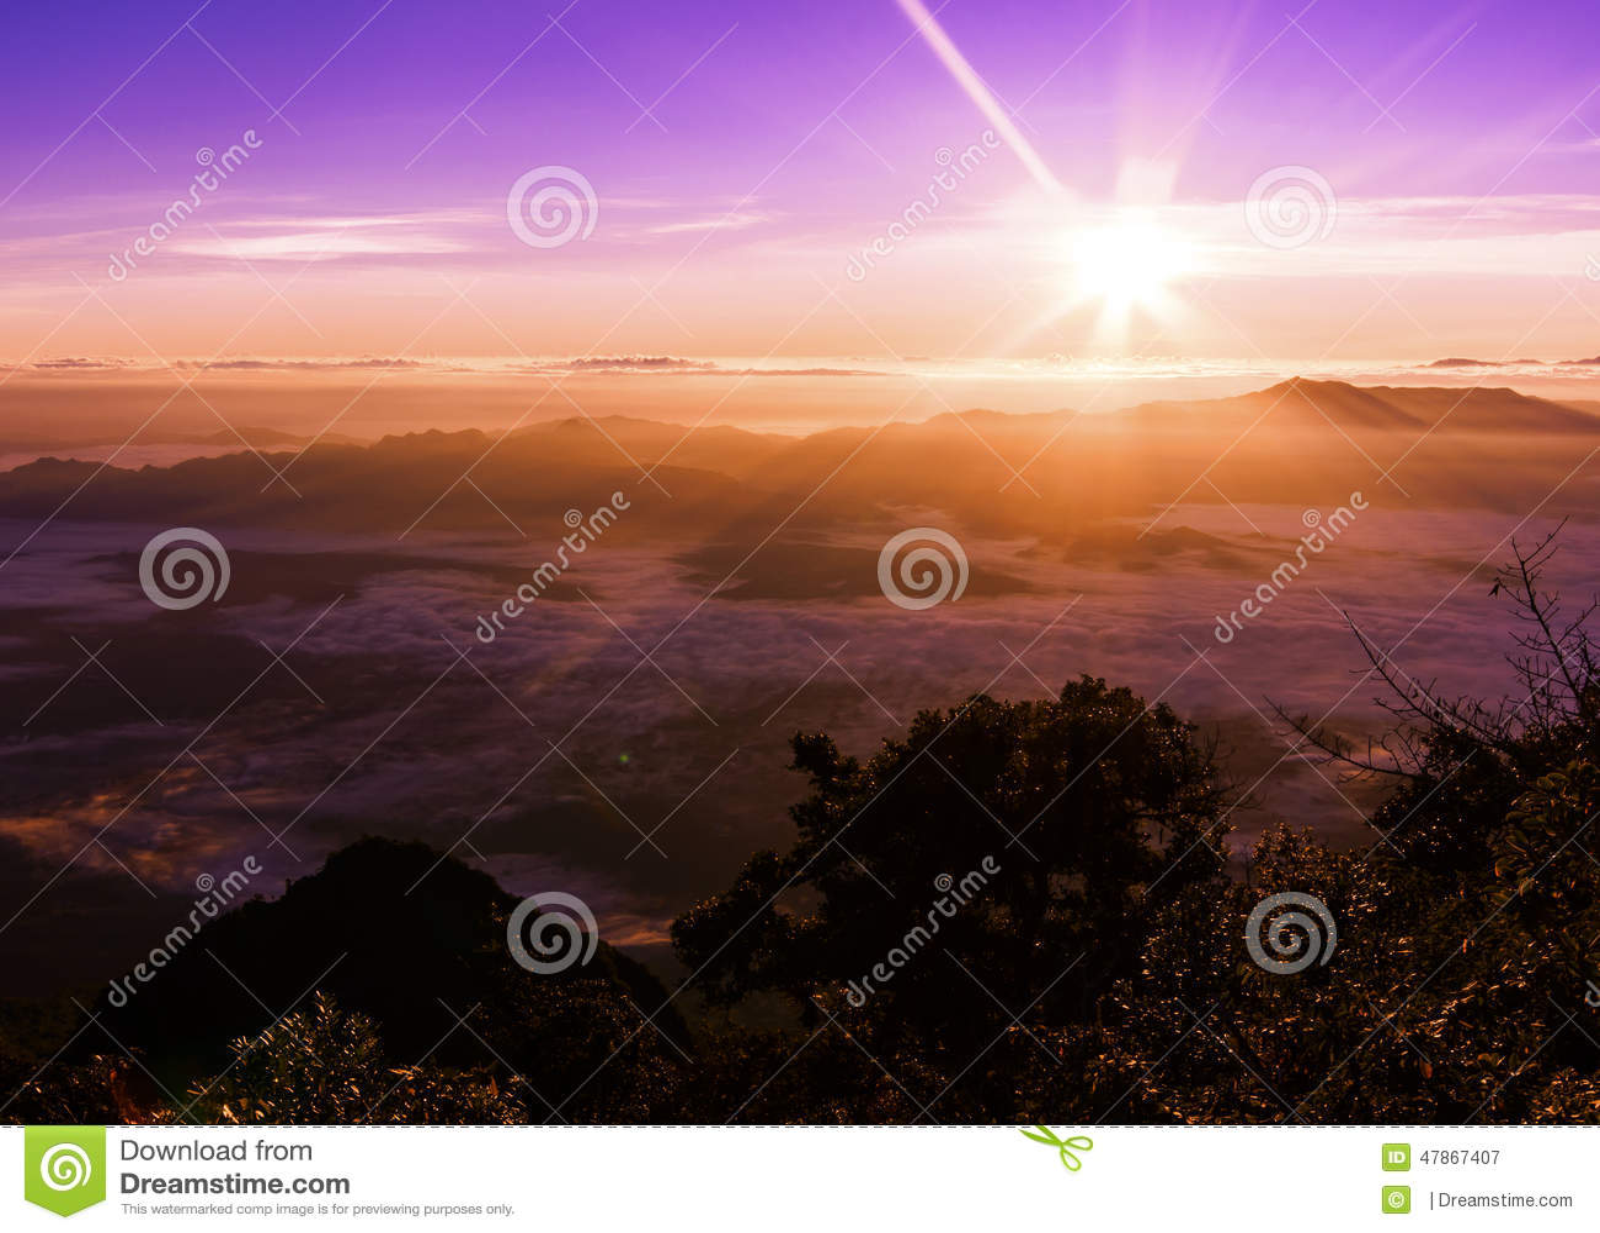 2195 ovanför område som doi för område för distorsion för chiangkottedao high highest har high highest inverterat level djurliv f